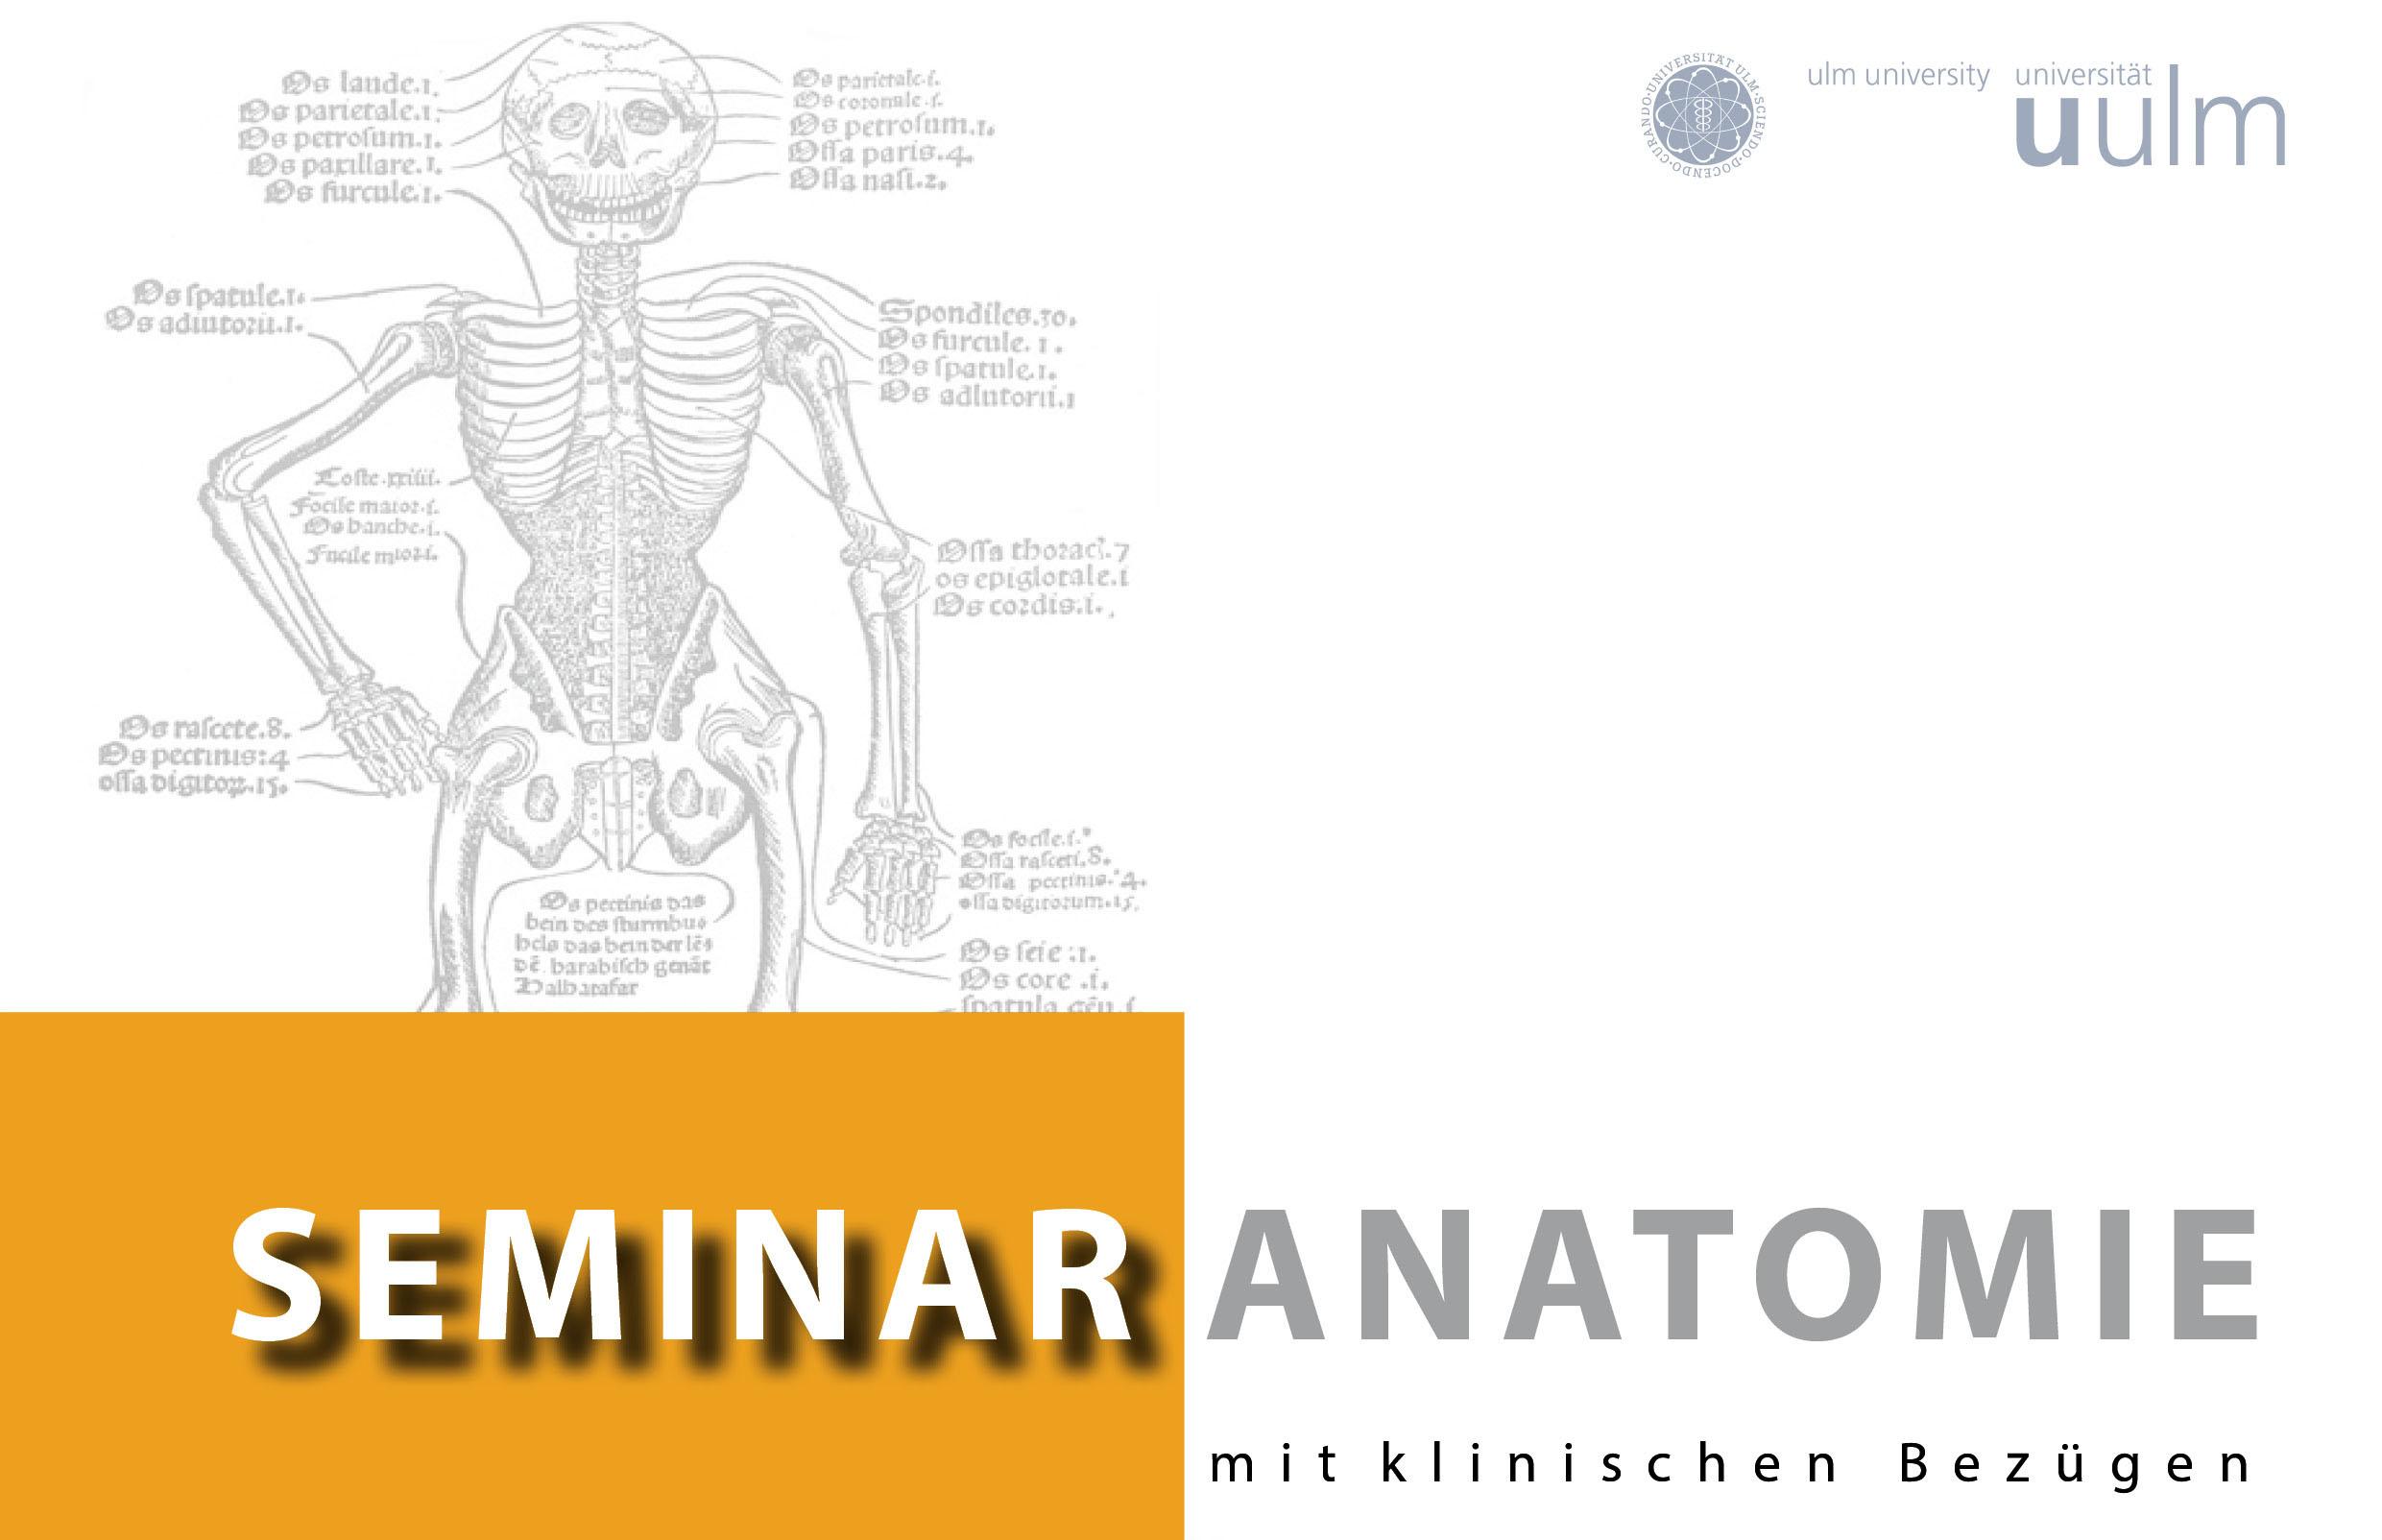 Seminar Anatomie mit klinischen Bezügen - Universität Ulm